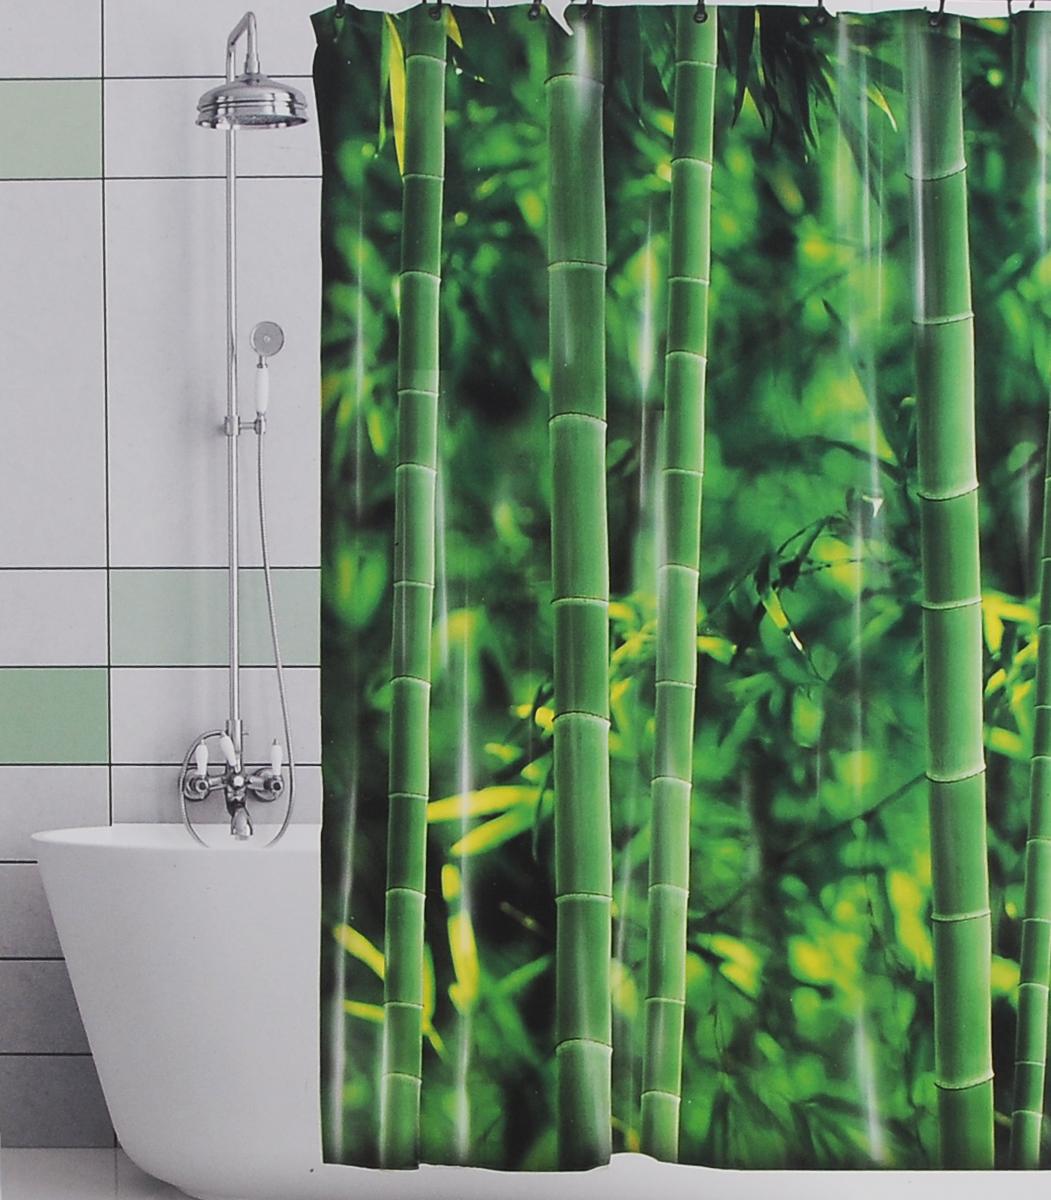 Штора для ванной Valiant Бамбуковые джунгли, цвет: зеленый, 180 х 180 см391602Штора для ванной комнаты Valiant Бамбуковые джунгли из 100% плотного полиэстера с водоотталкивающей поверхностью идеально защищает ванную комнату от брызг.В верхней кромке шторы предусмотрены отверстия для пластиковых колец (входят в комплект), а в нижней кромке шторы скрыт гибкий шнур, который поддерживает ее в естественной расправленной форме.Штору можно легко почистить мягкой губкой с мылом или постирать ее с мягким моющим средством в деликатном режиме. Количество колец: 12 шт.